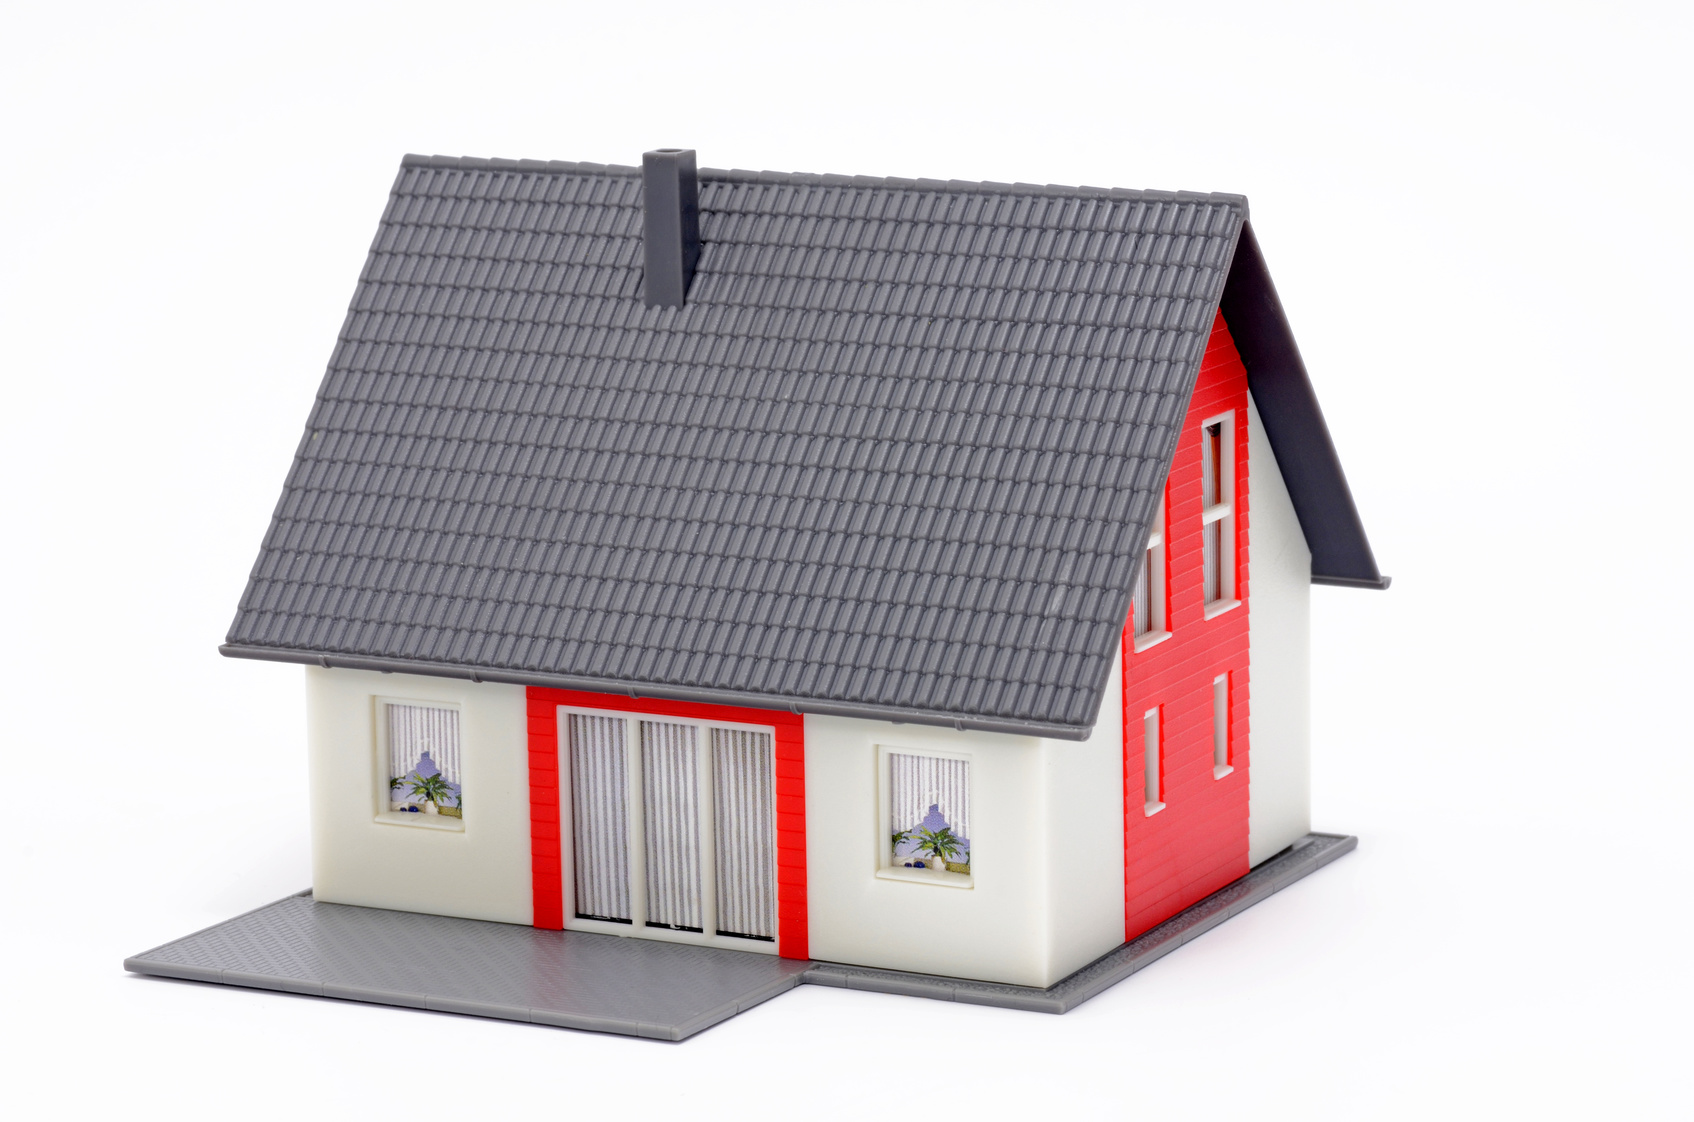 Wachstum des Marktanteils von Fertigteilhäusern